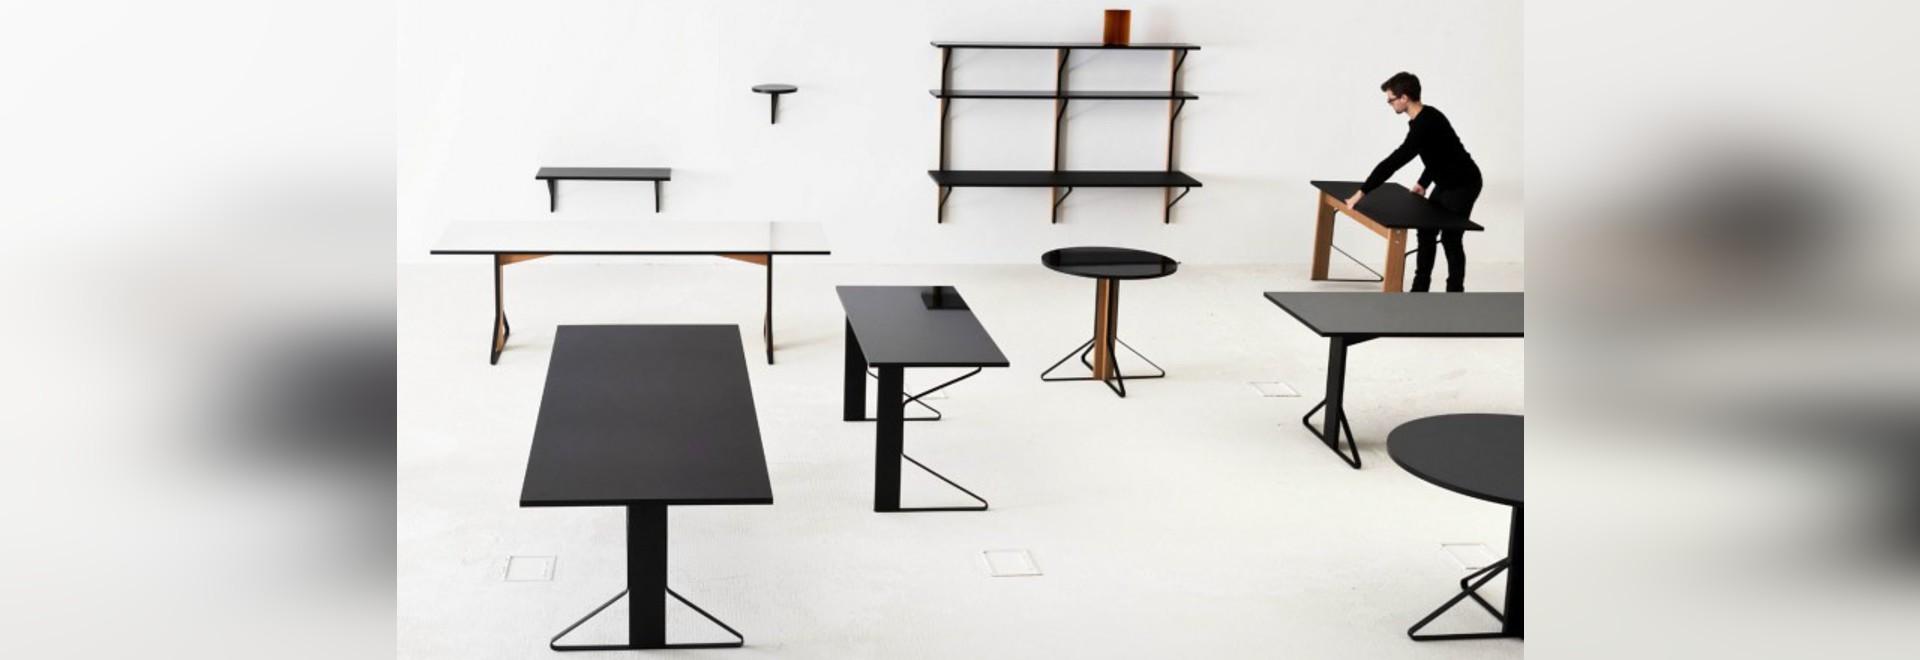 STOCKHOLM 2015: ERWAN & RONAN BOUROULLEC'S KAARI COLLECTION FOR ARTEK